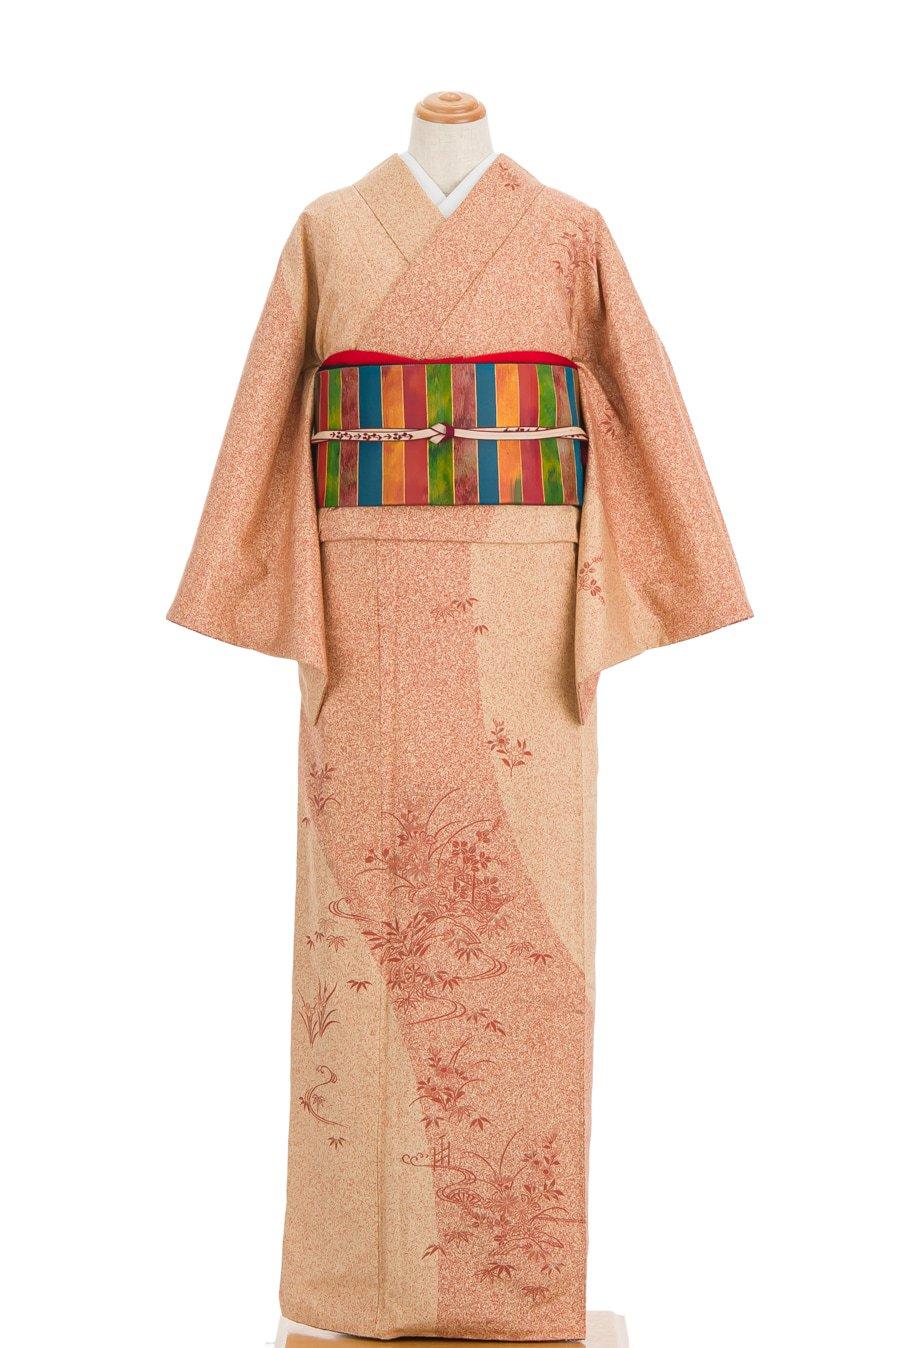 「染大島紬訪問着 叩き染め 秋草」の商品画像